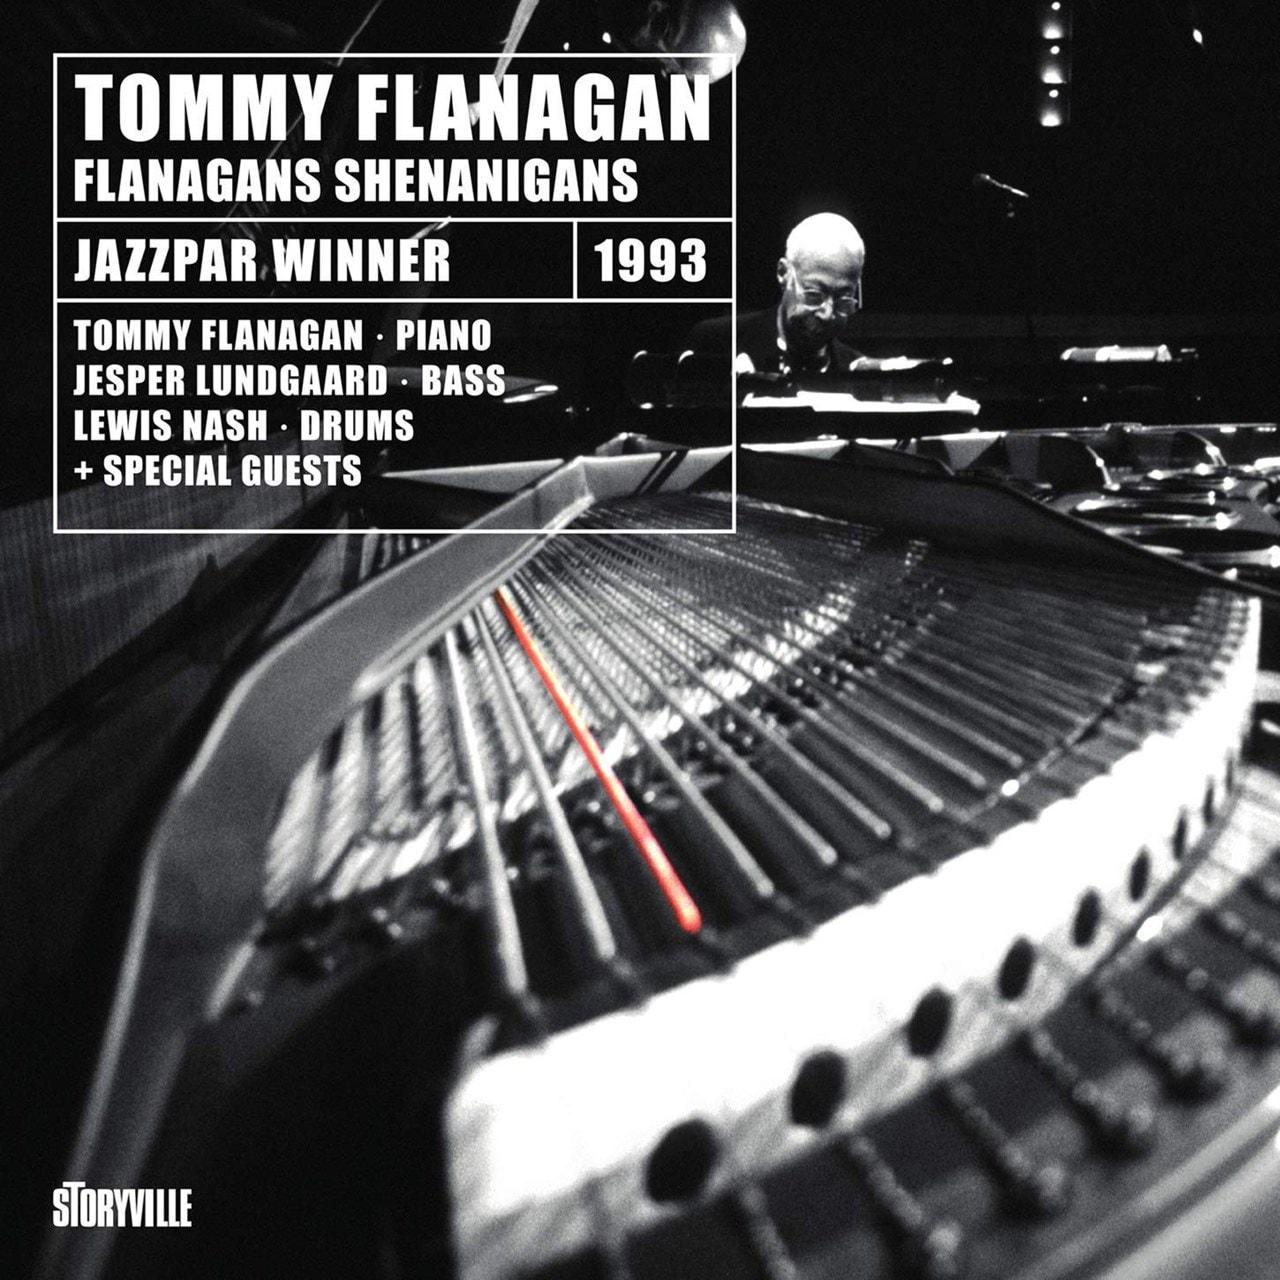 Flanagan's Shenanigans - 1